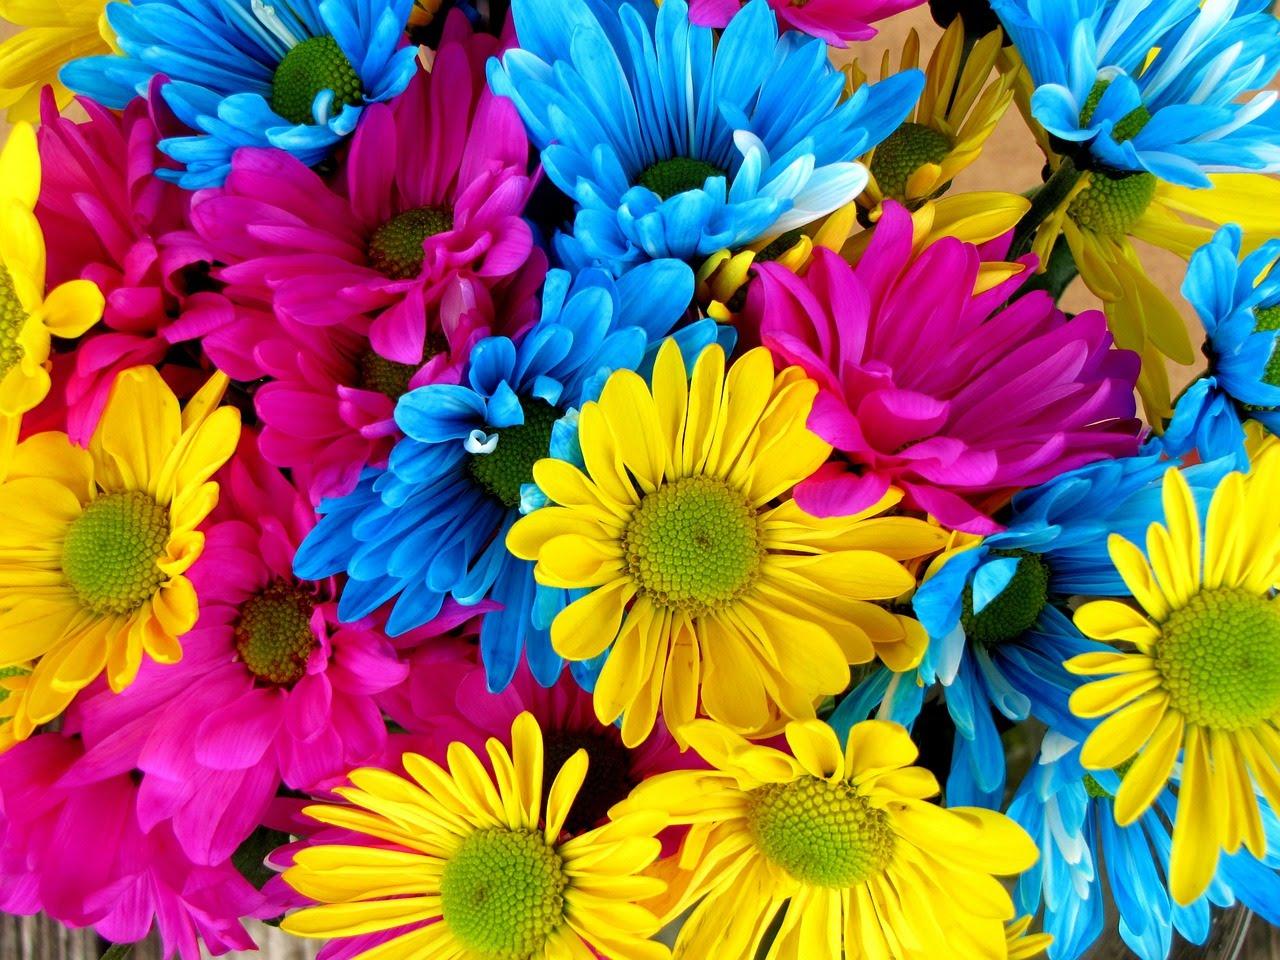 May Flowers beautiful Music, Inspiration.